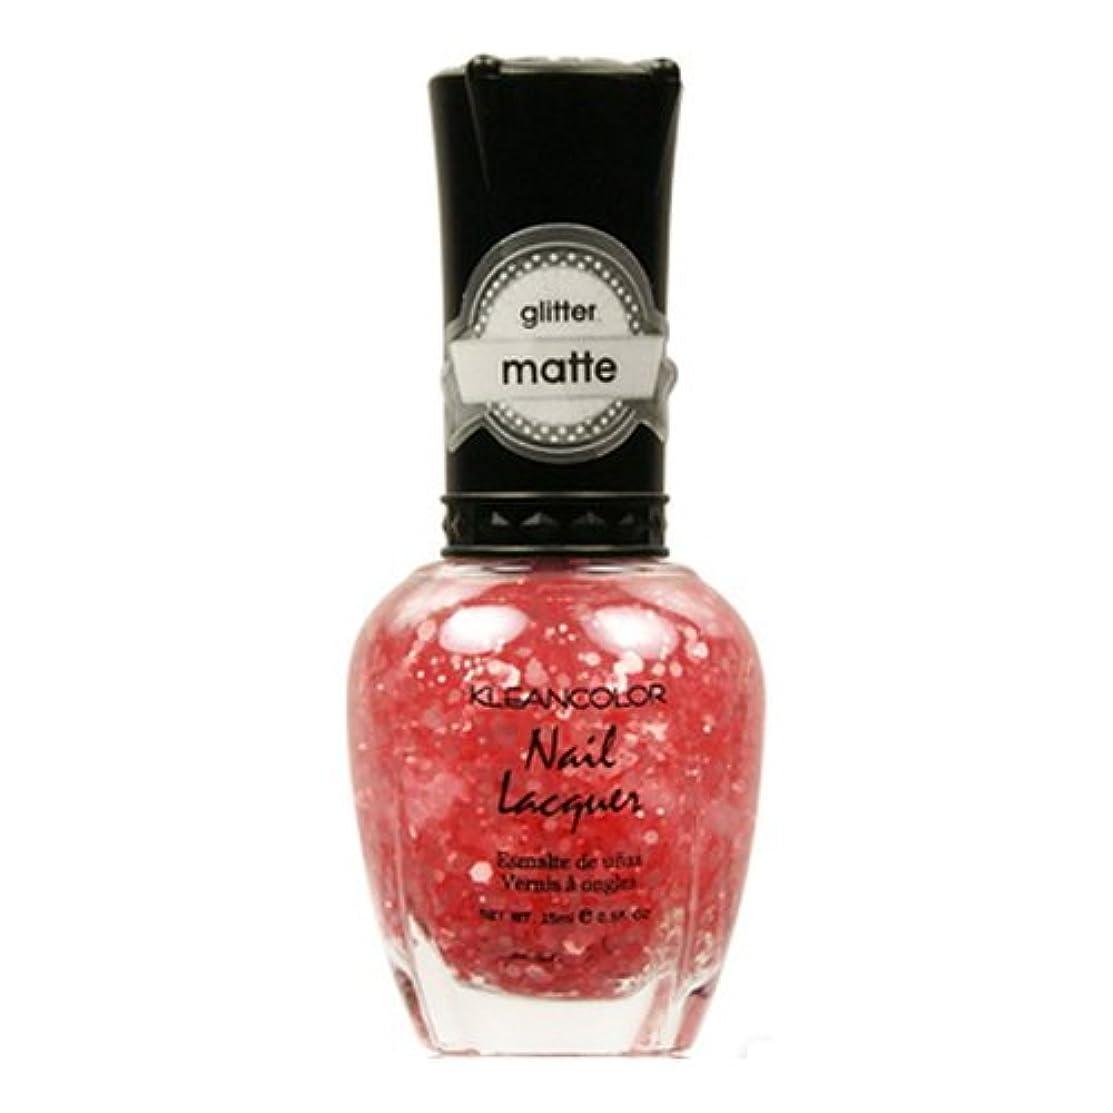 トンセットするラビリンス(3 Pack) KLEANCOLOR Glitter Matte Nail Lacquer - Blush Pink (並行輸入品)